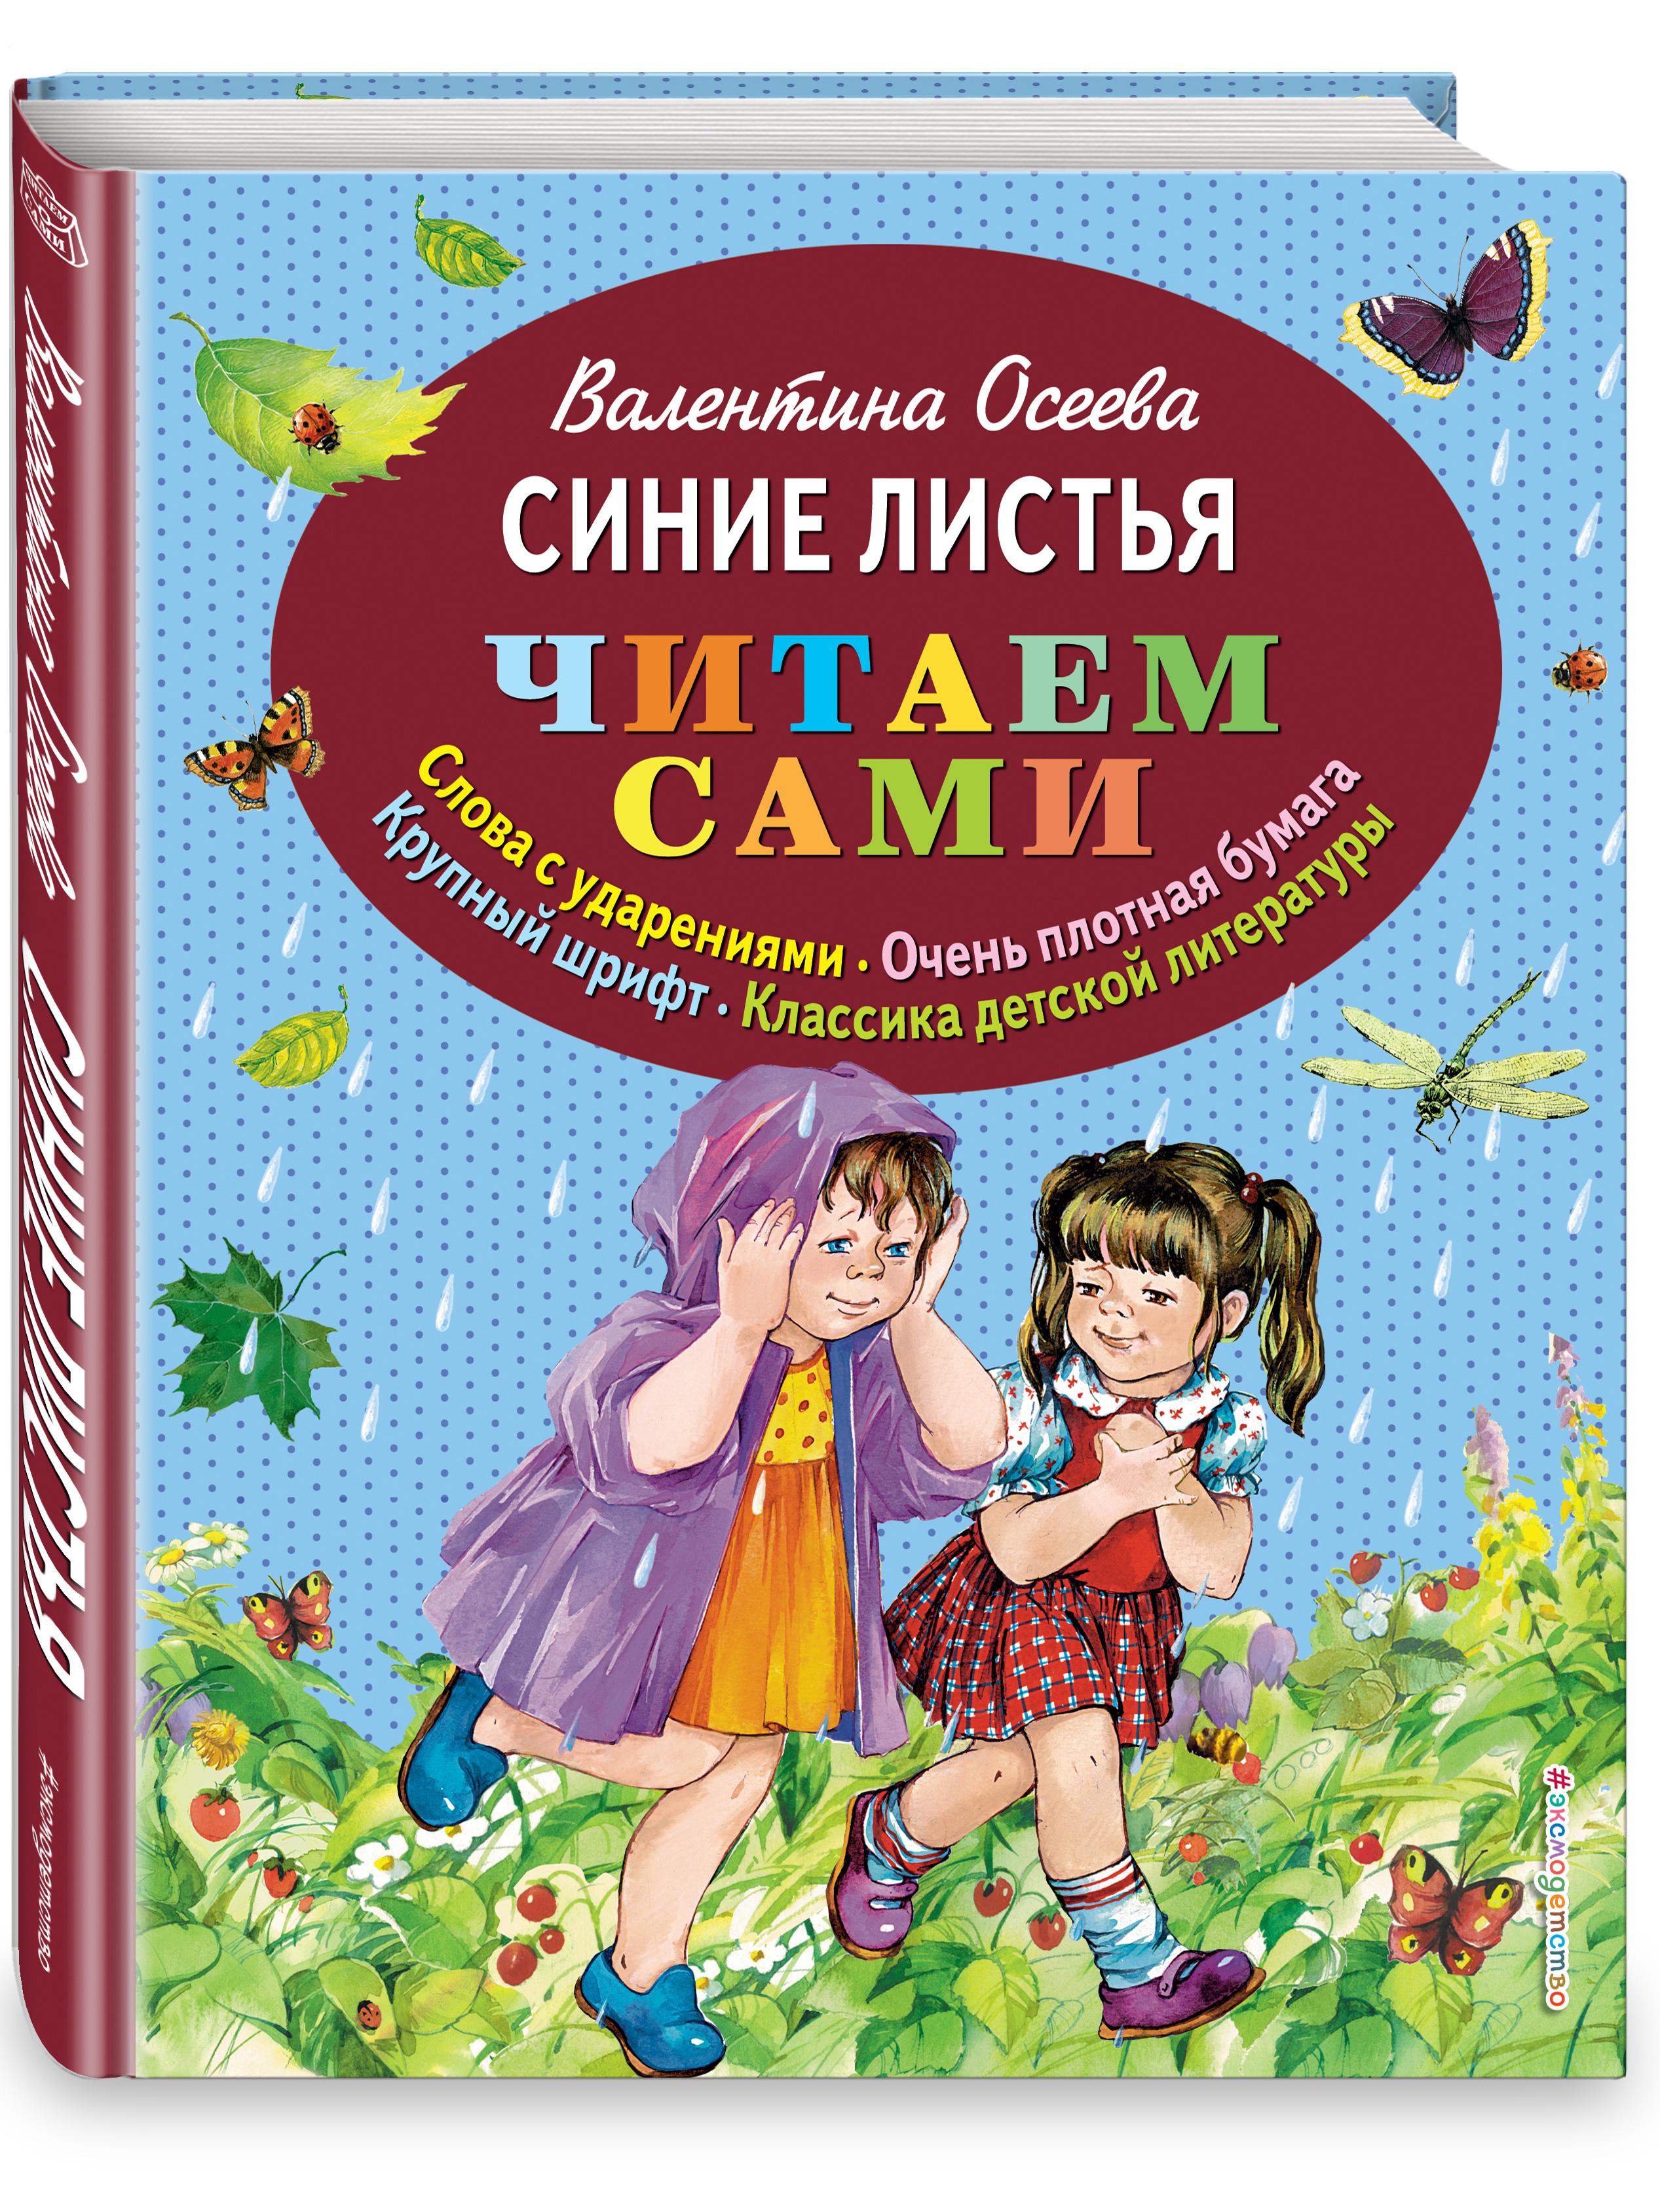 Осеева В.А. Синие листья (ил. Е. Карпович)